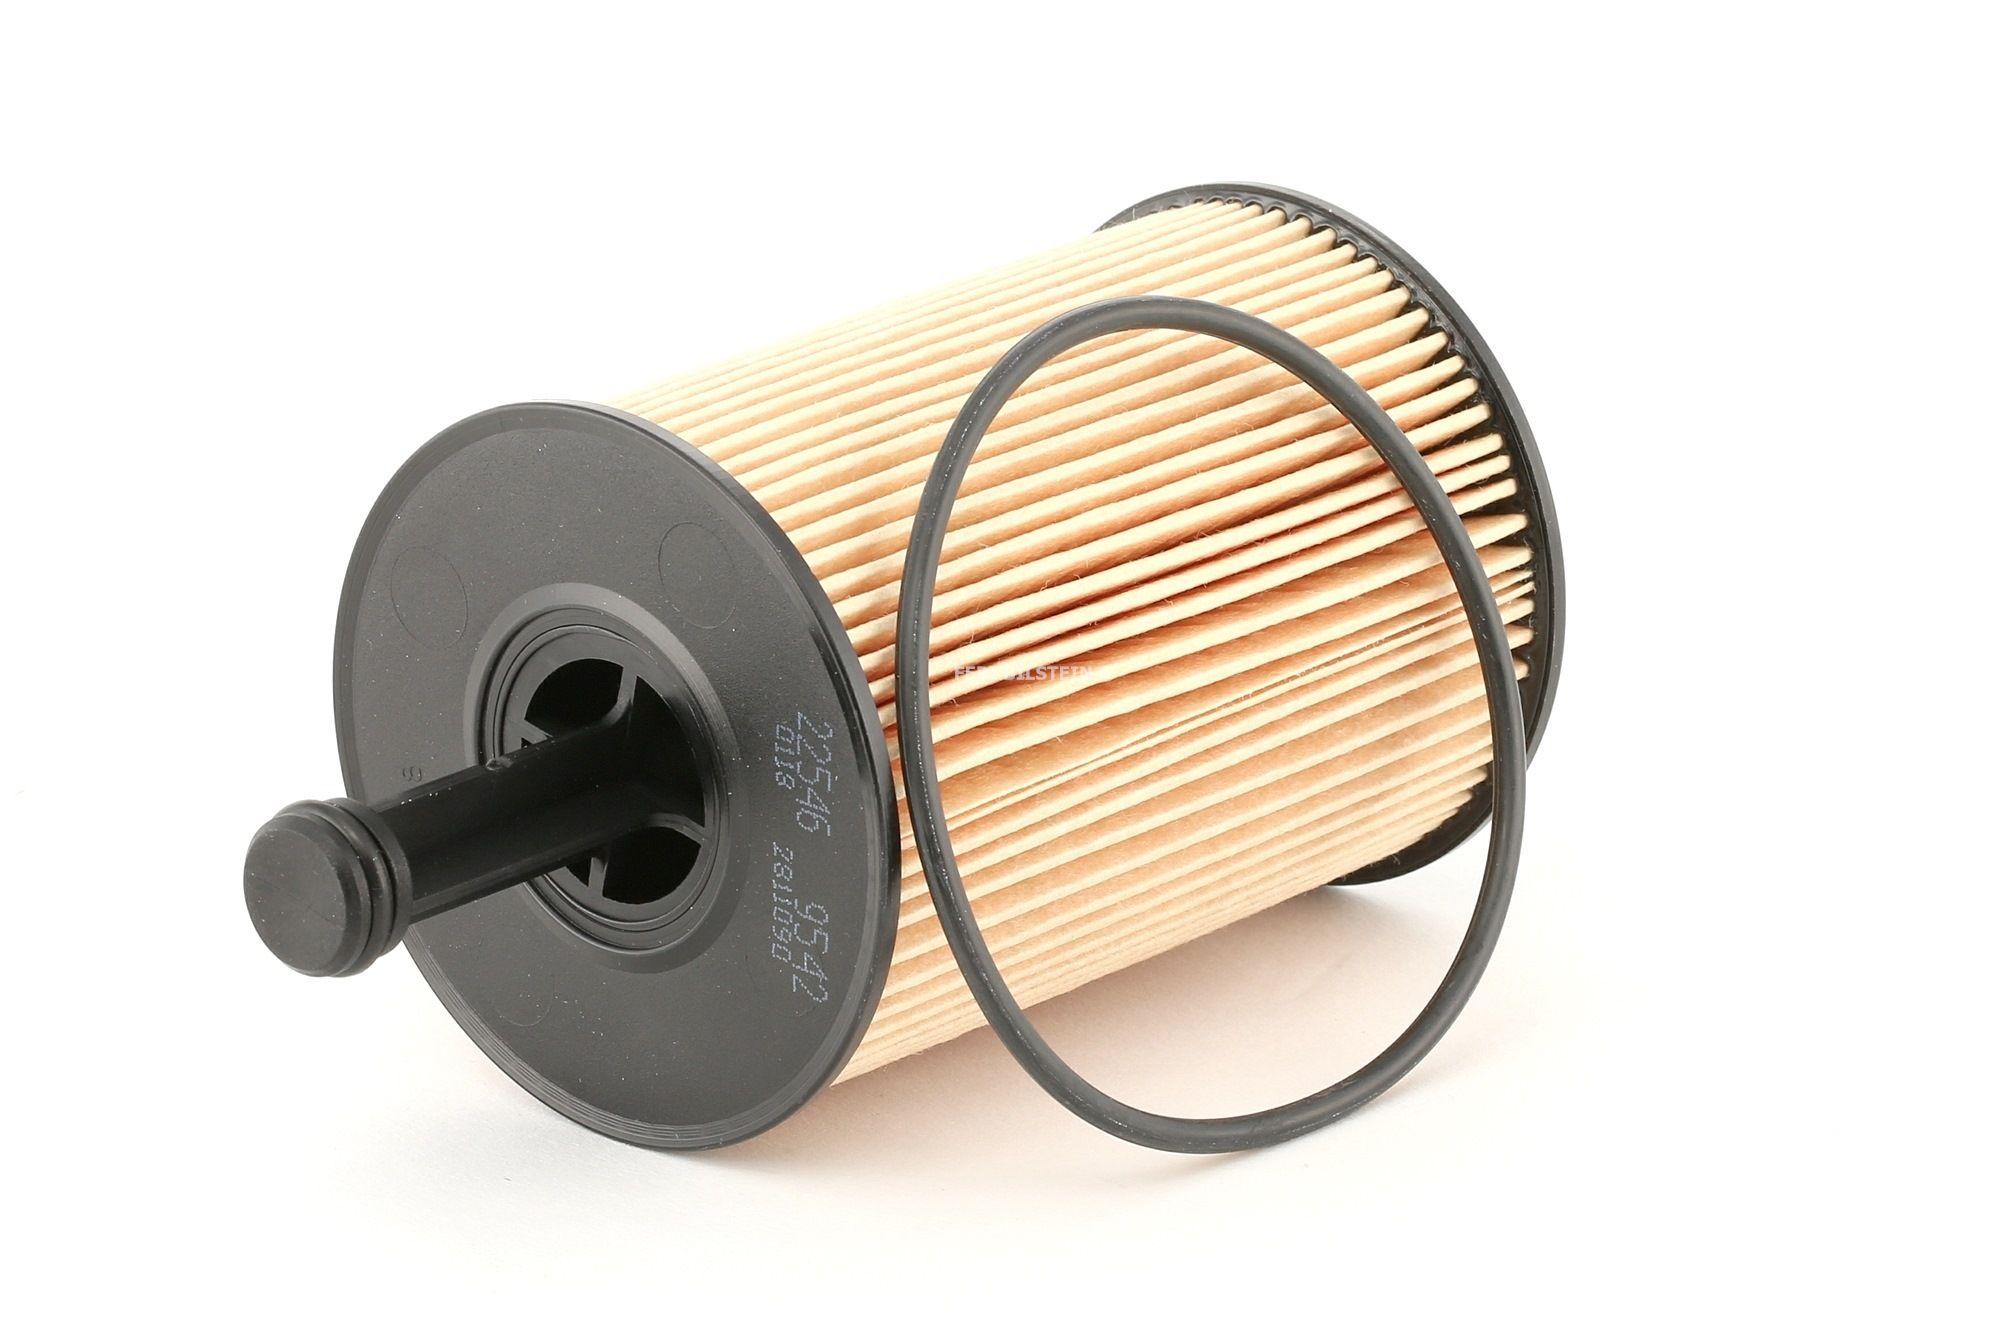 Achetez Filtre à huile FEBI BILSTEIN 22546 (Diamètre intérieur: 28,5mm, Ø: 71,0mm, Hauteur: 141mm) à un rapport qualité-prix exceptionnel